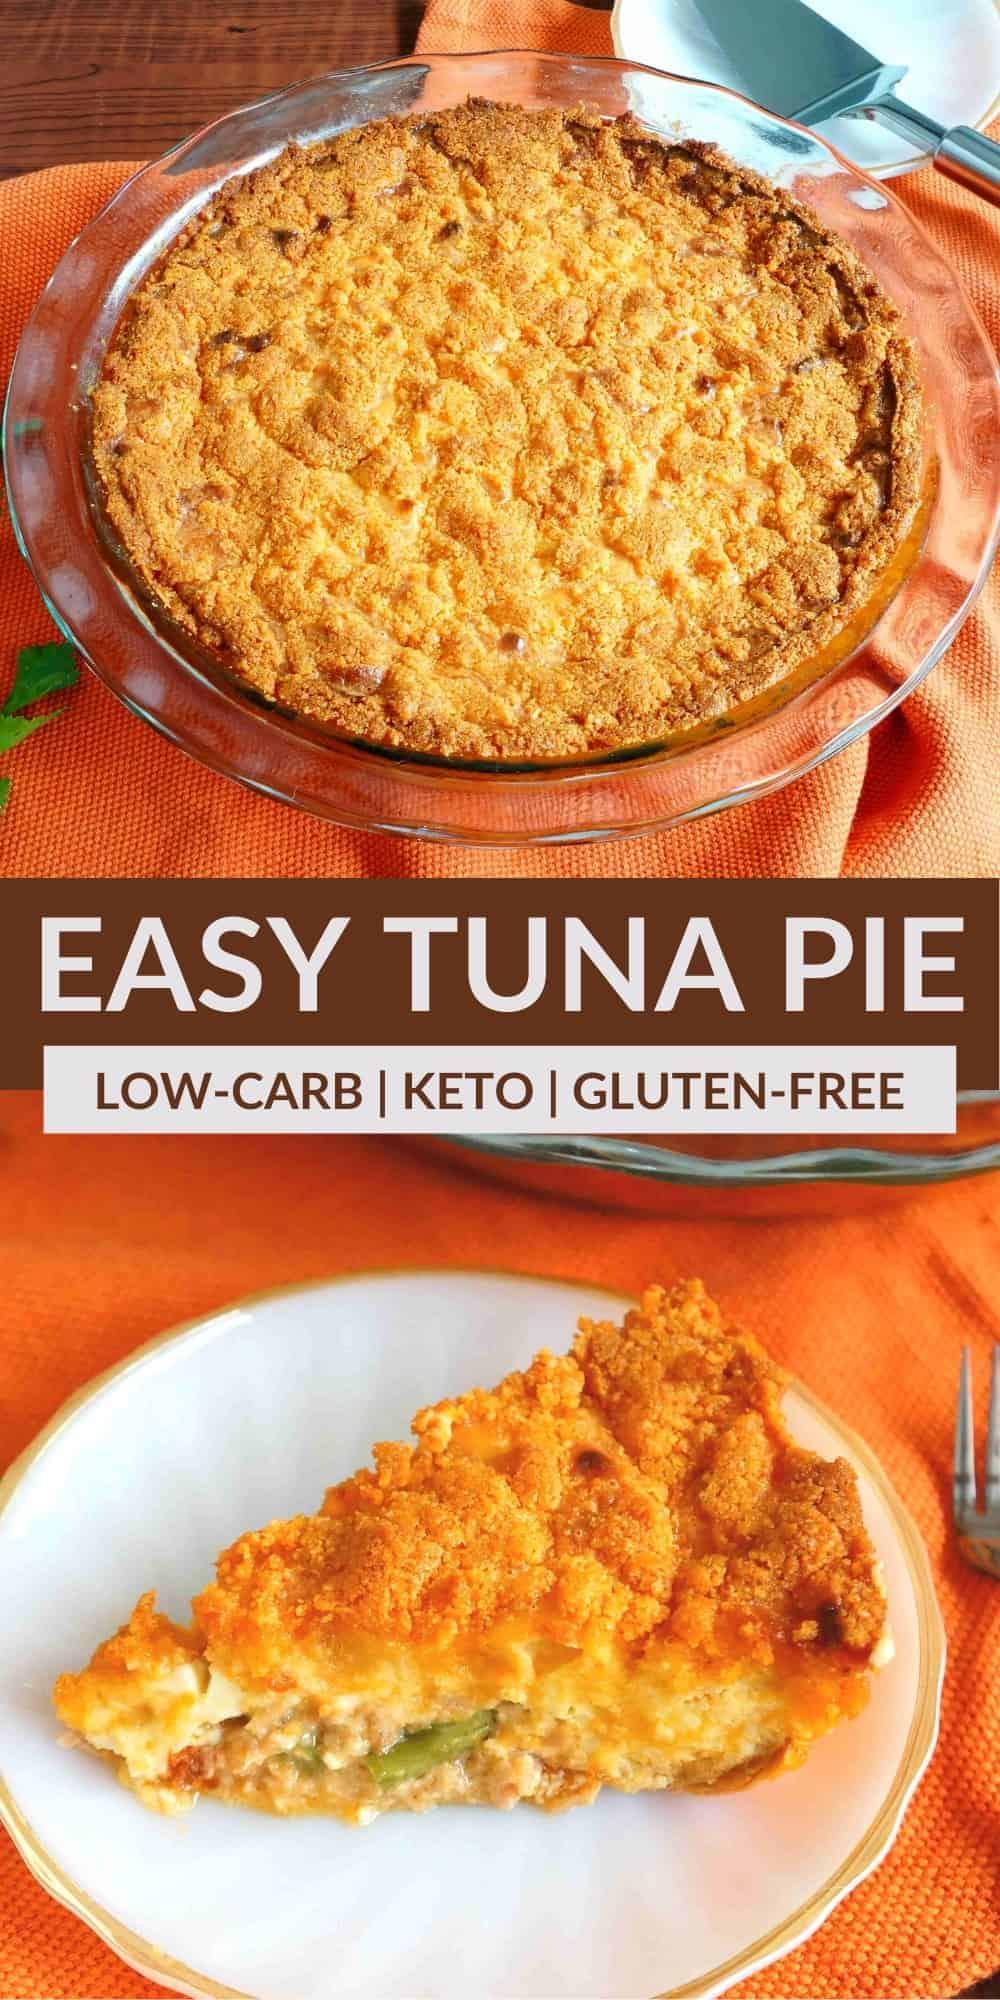 easy tuna pie pinterest image